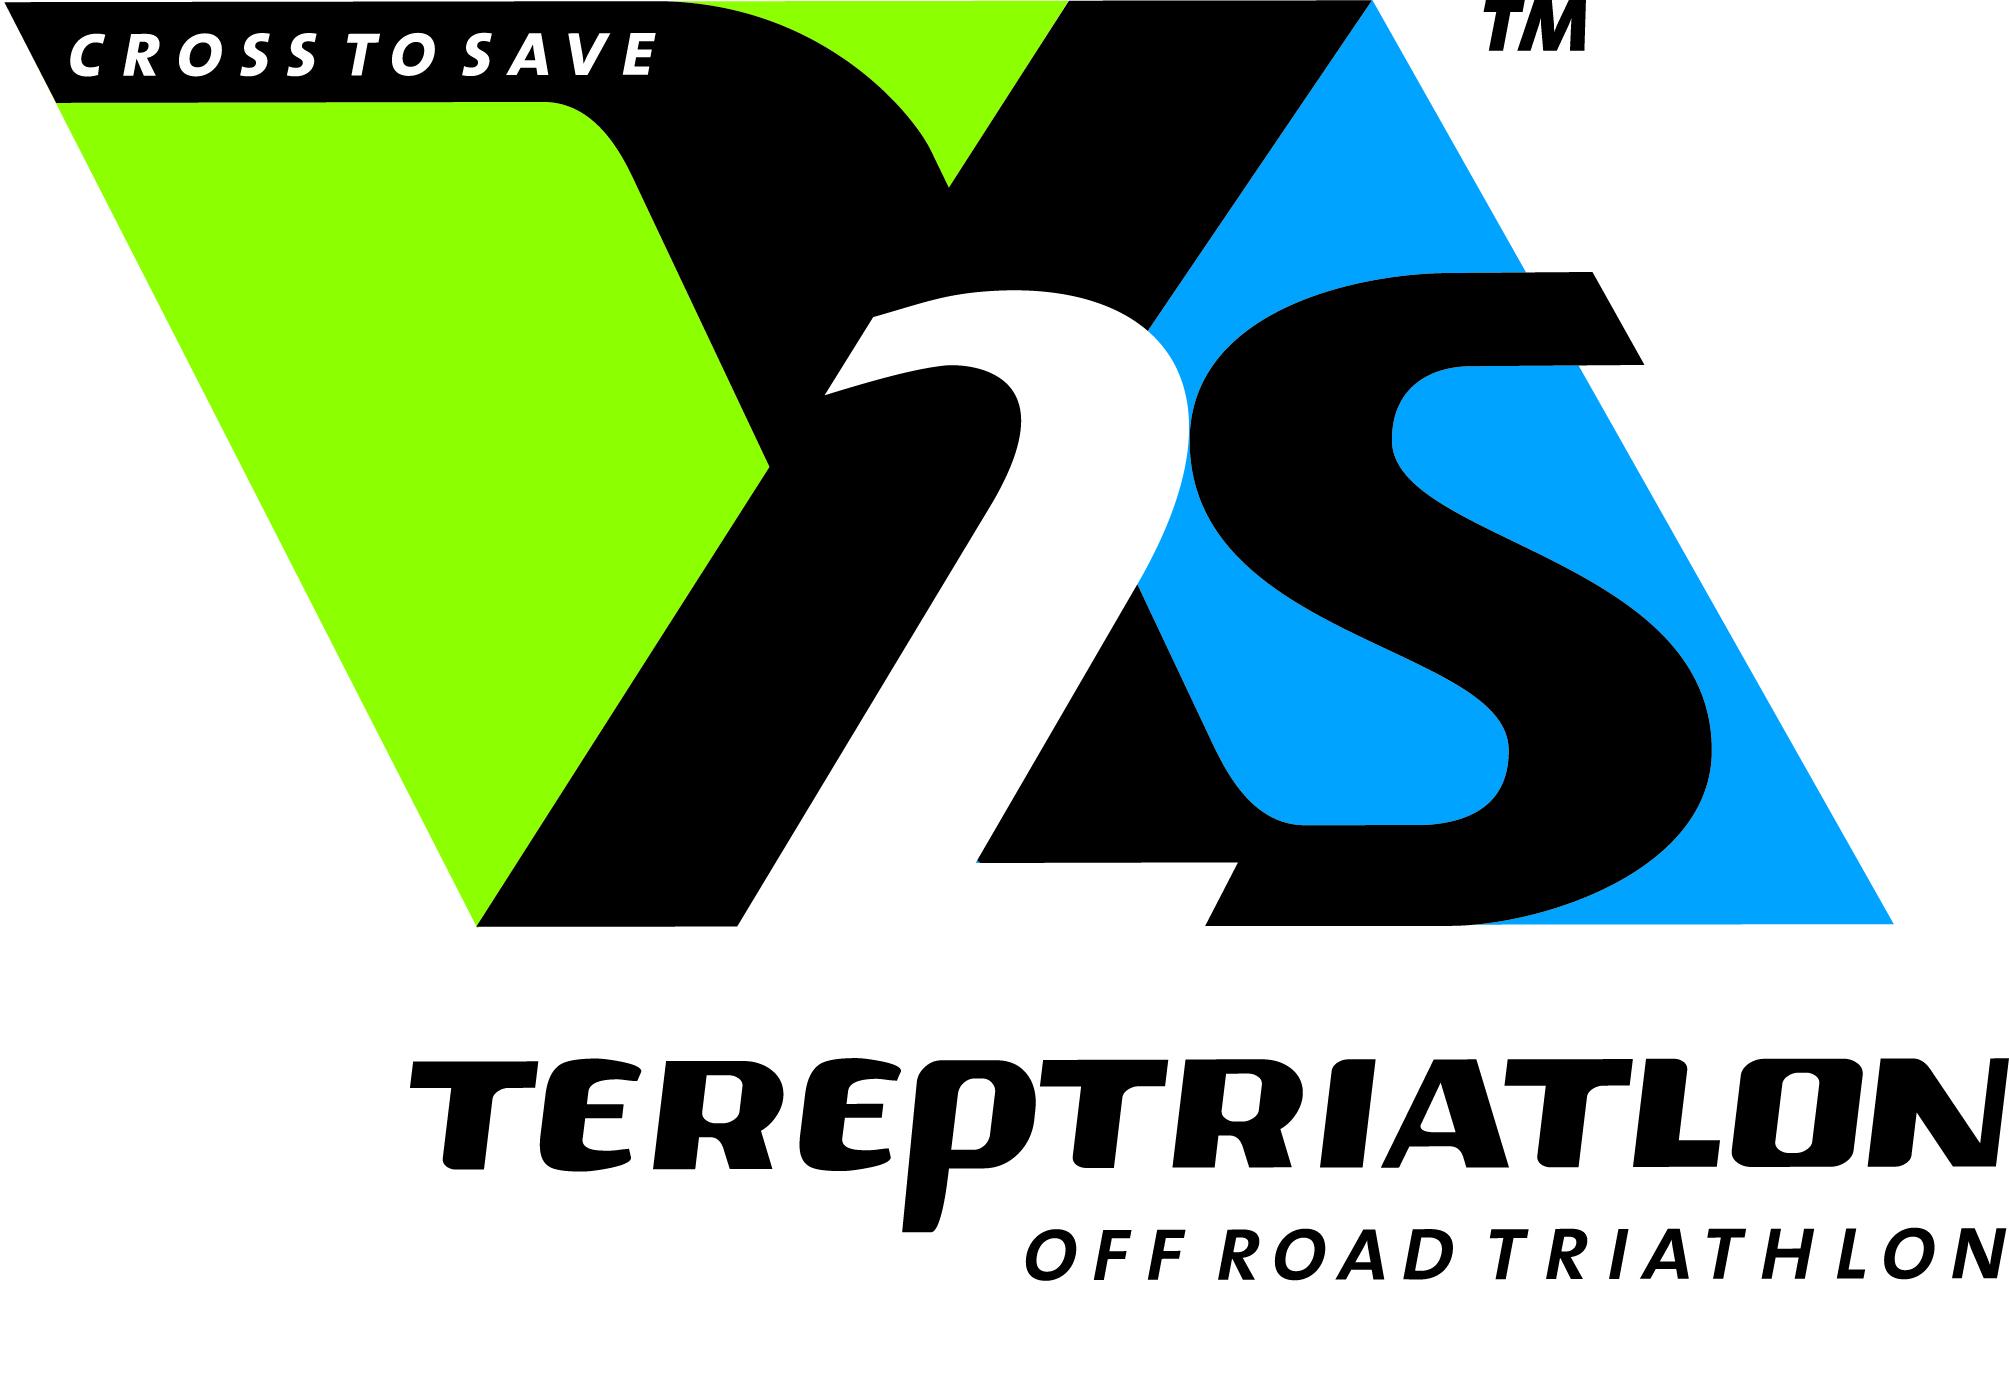 Tereptriatlon